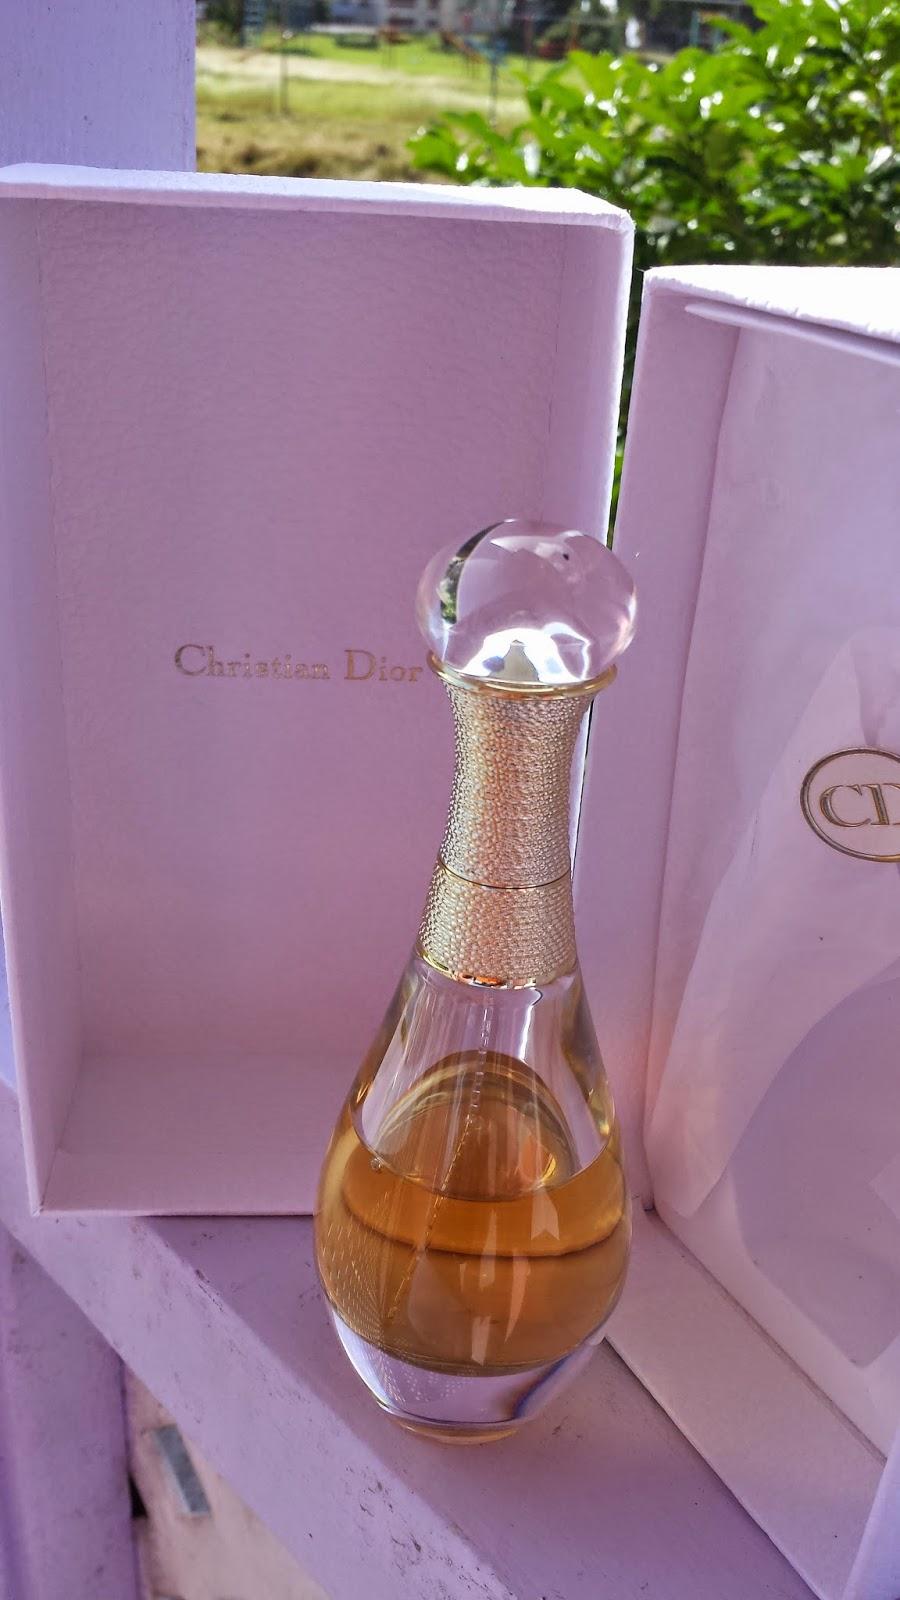 Christian Dior J'adore L'Or - www.modenmakeup.com